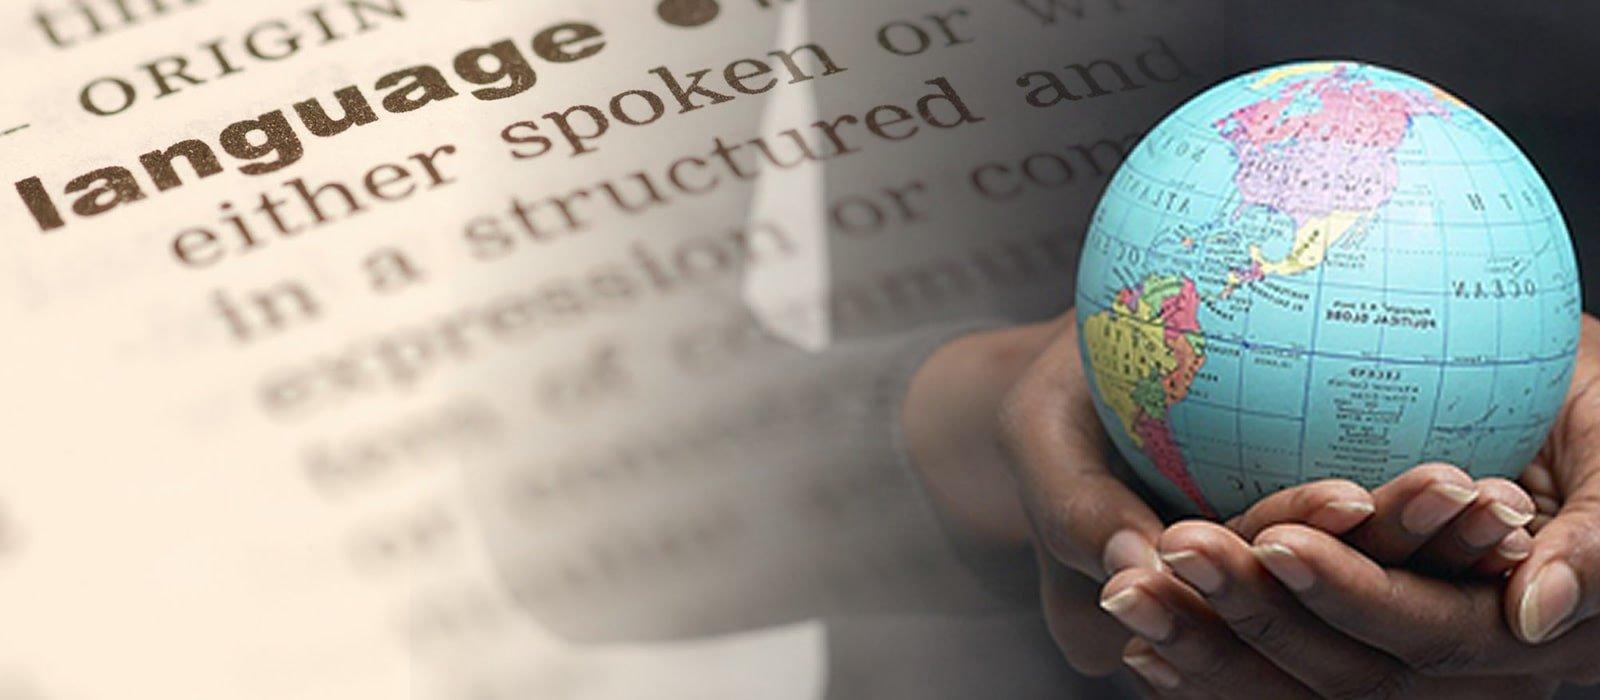 англійська мова мова міжнародного спілкування, чому англійська мова є міжнародною